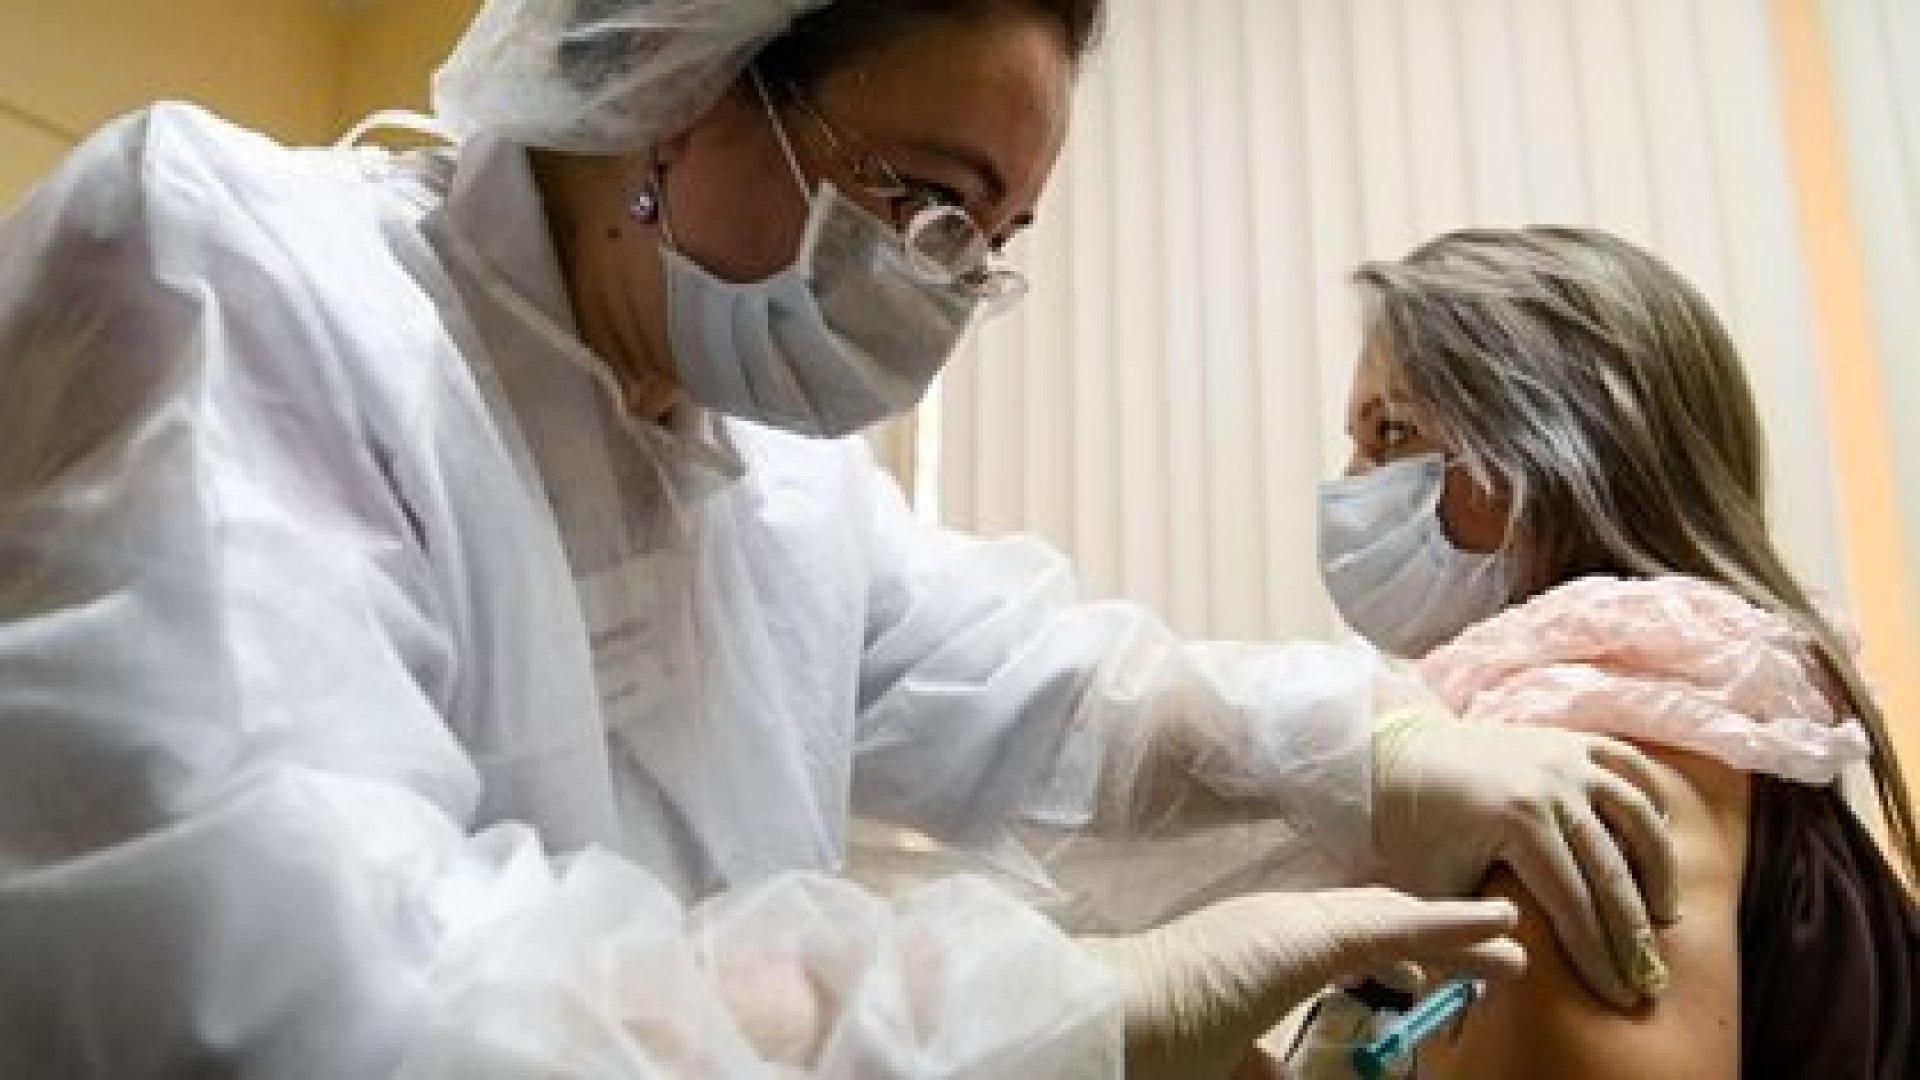 La campaña de vacunación contra el COVID-19 será implementada, al menos inicialmente, desde el sector público, garantizando el acceso gratuito a la vacuna